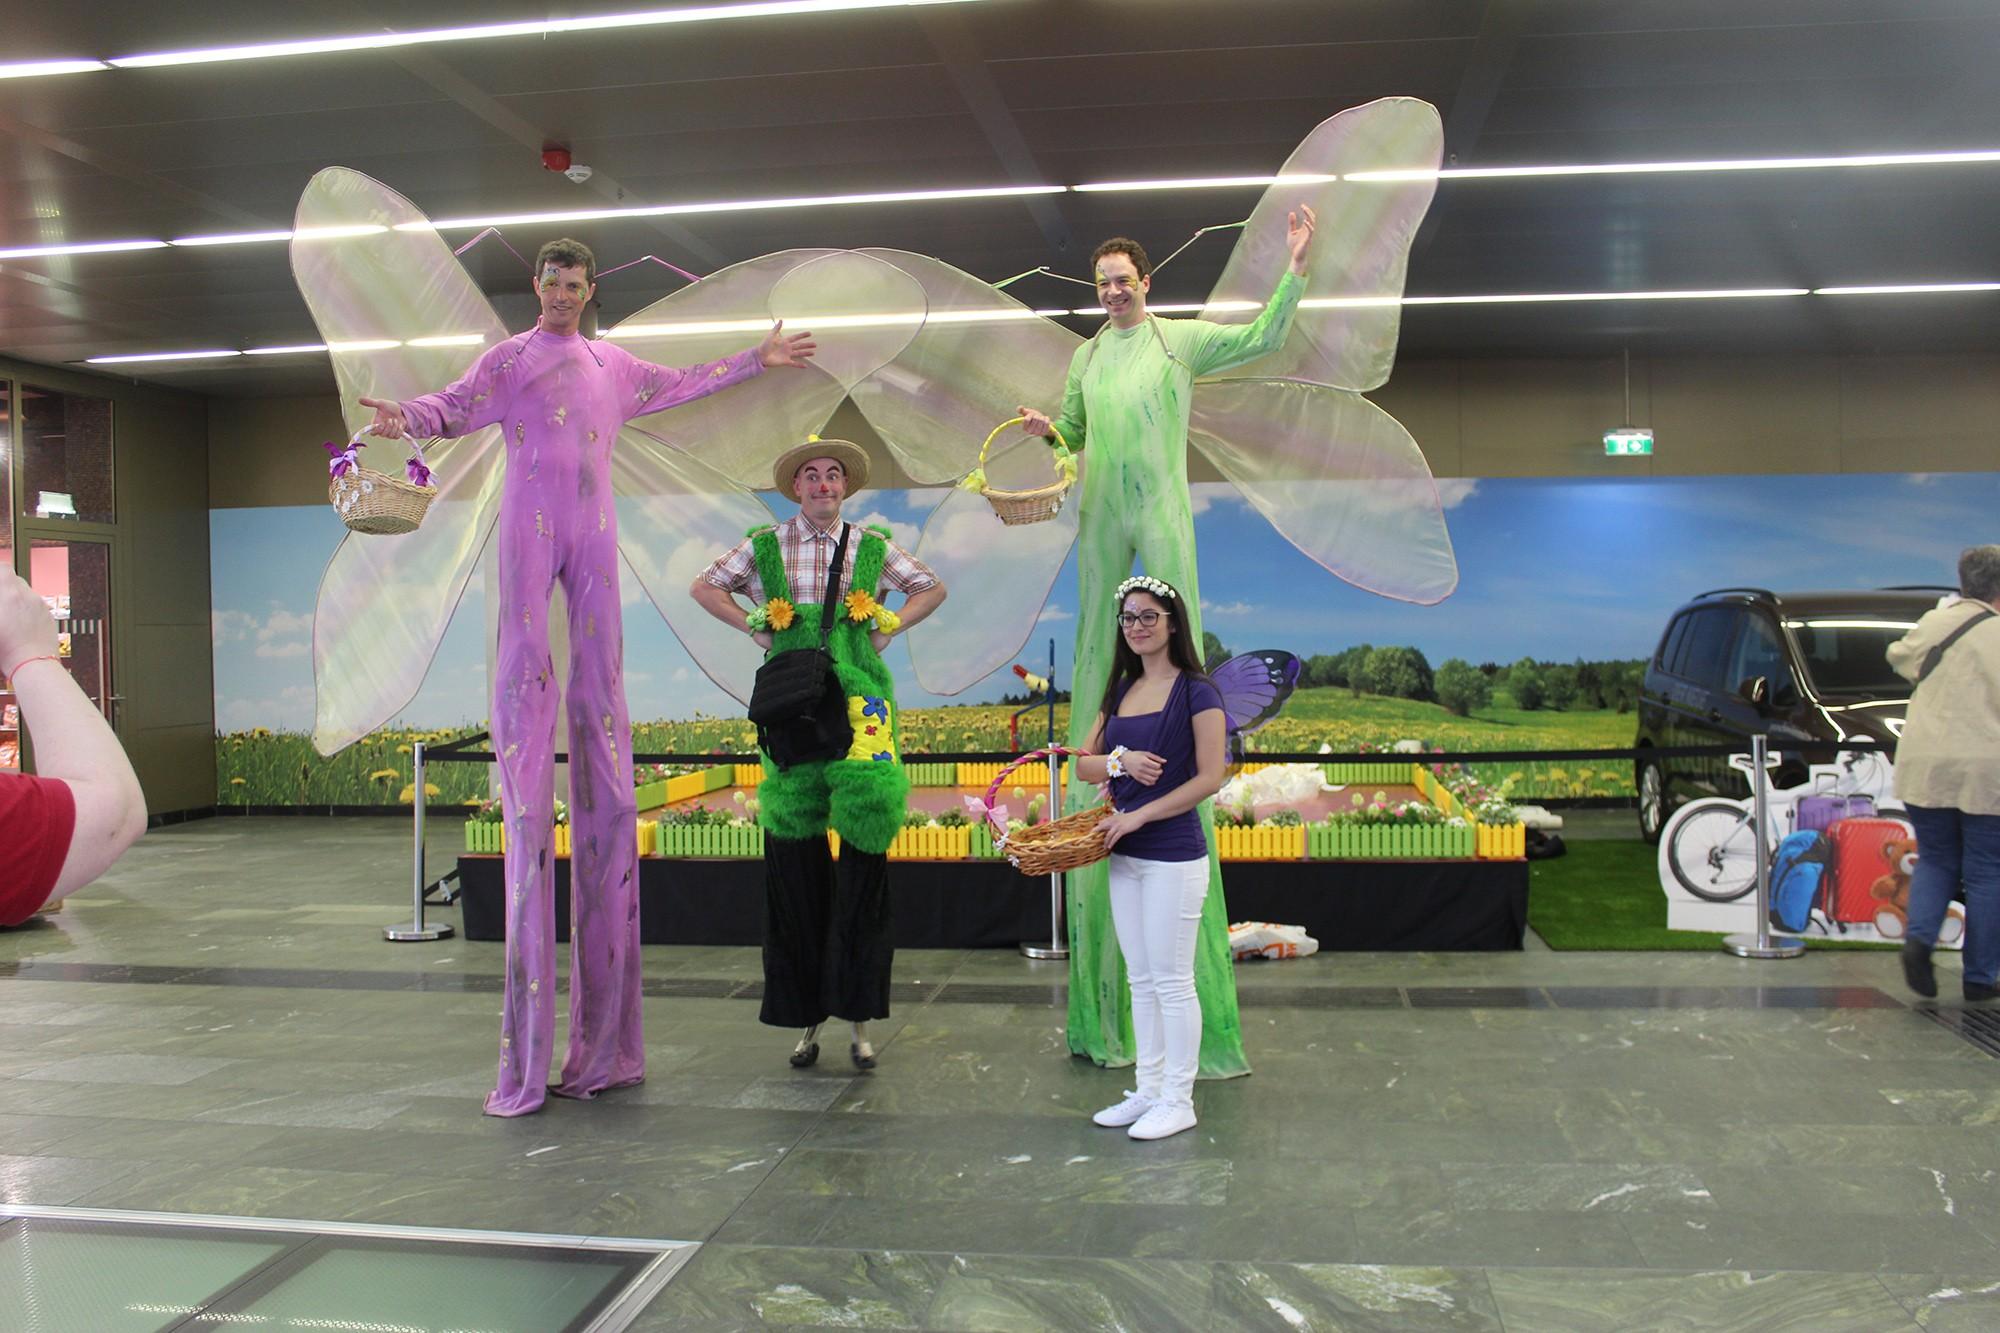 Stelzengeher in verschieden Kostümen für ihre Veranstaltung